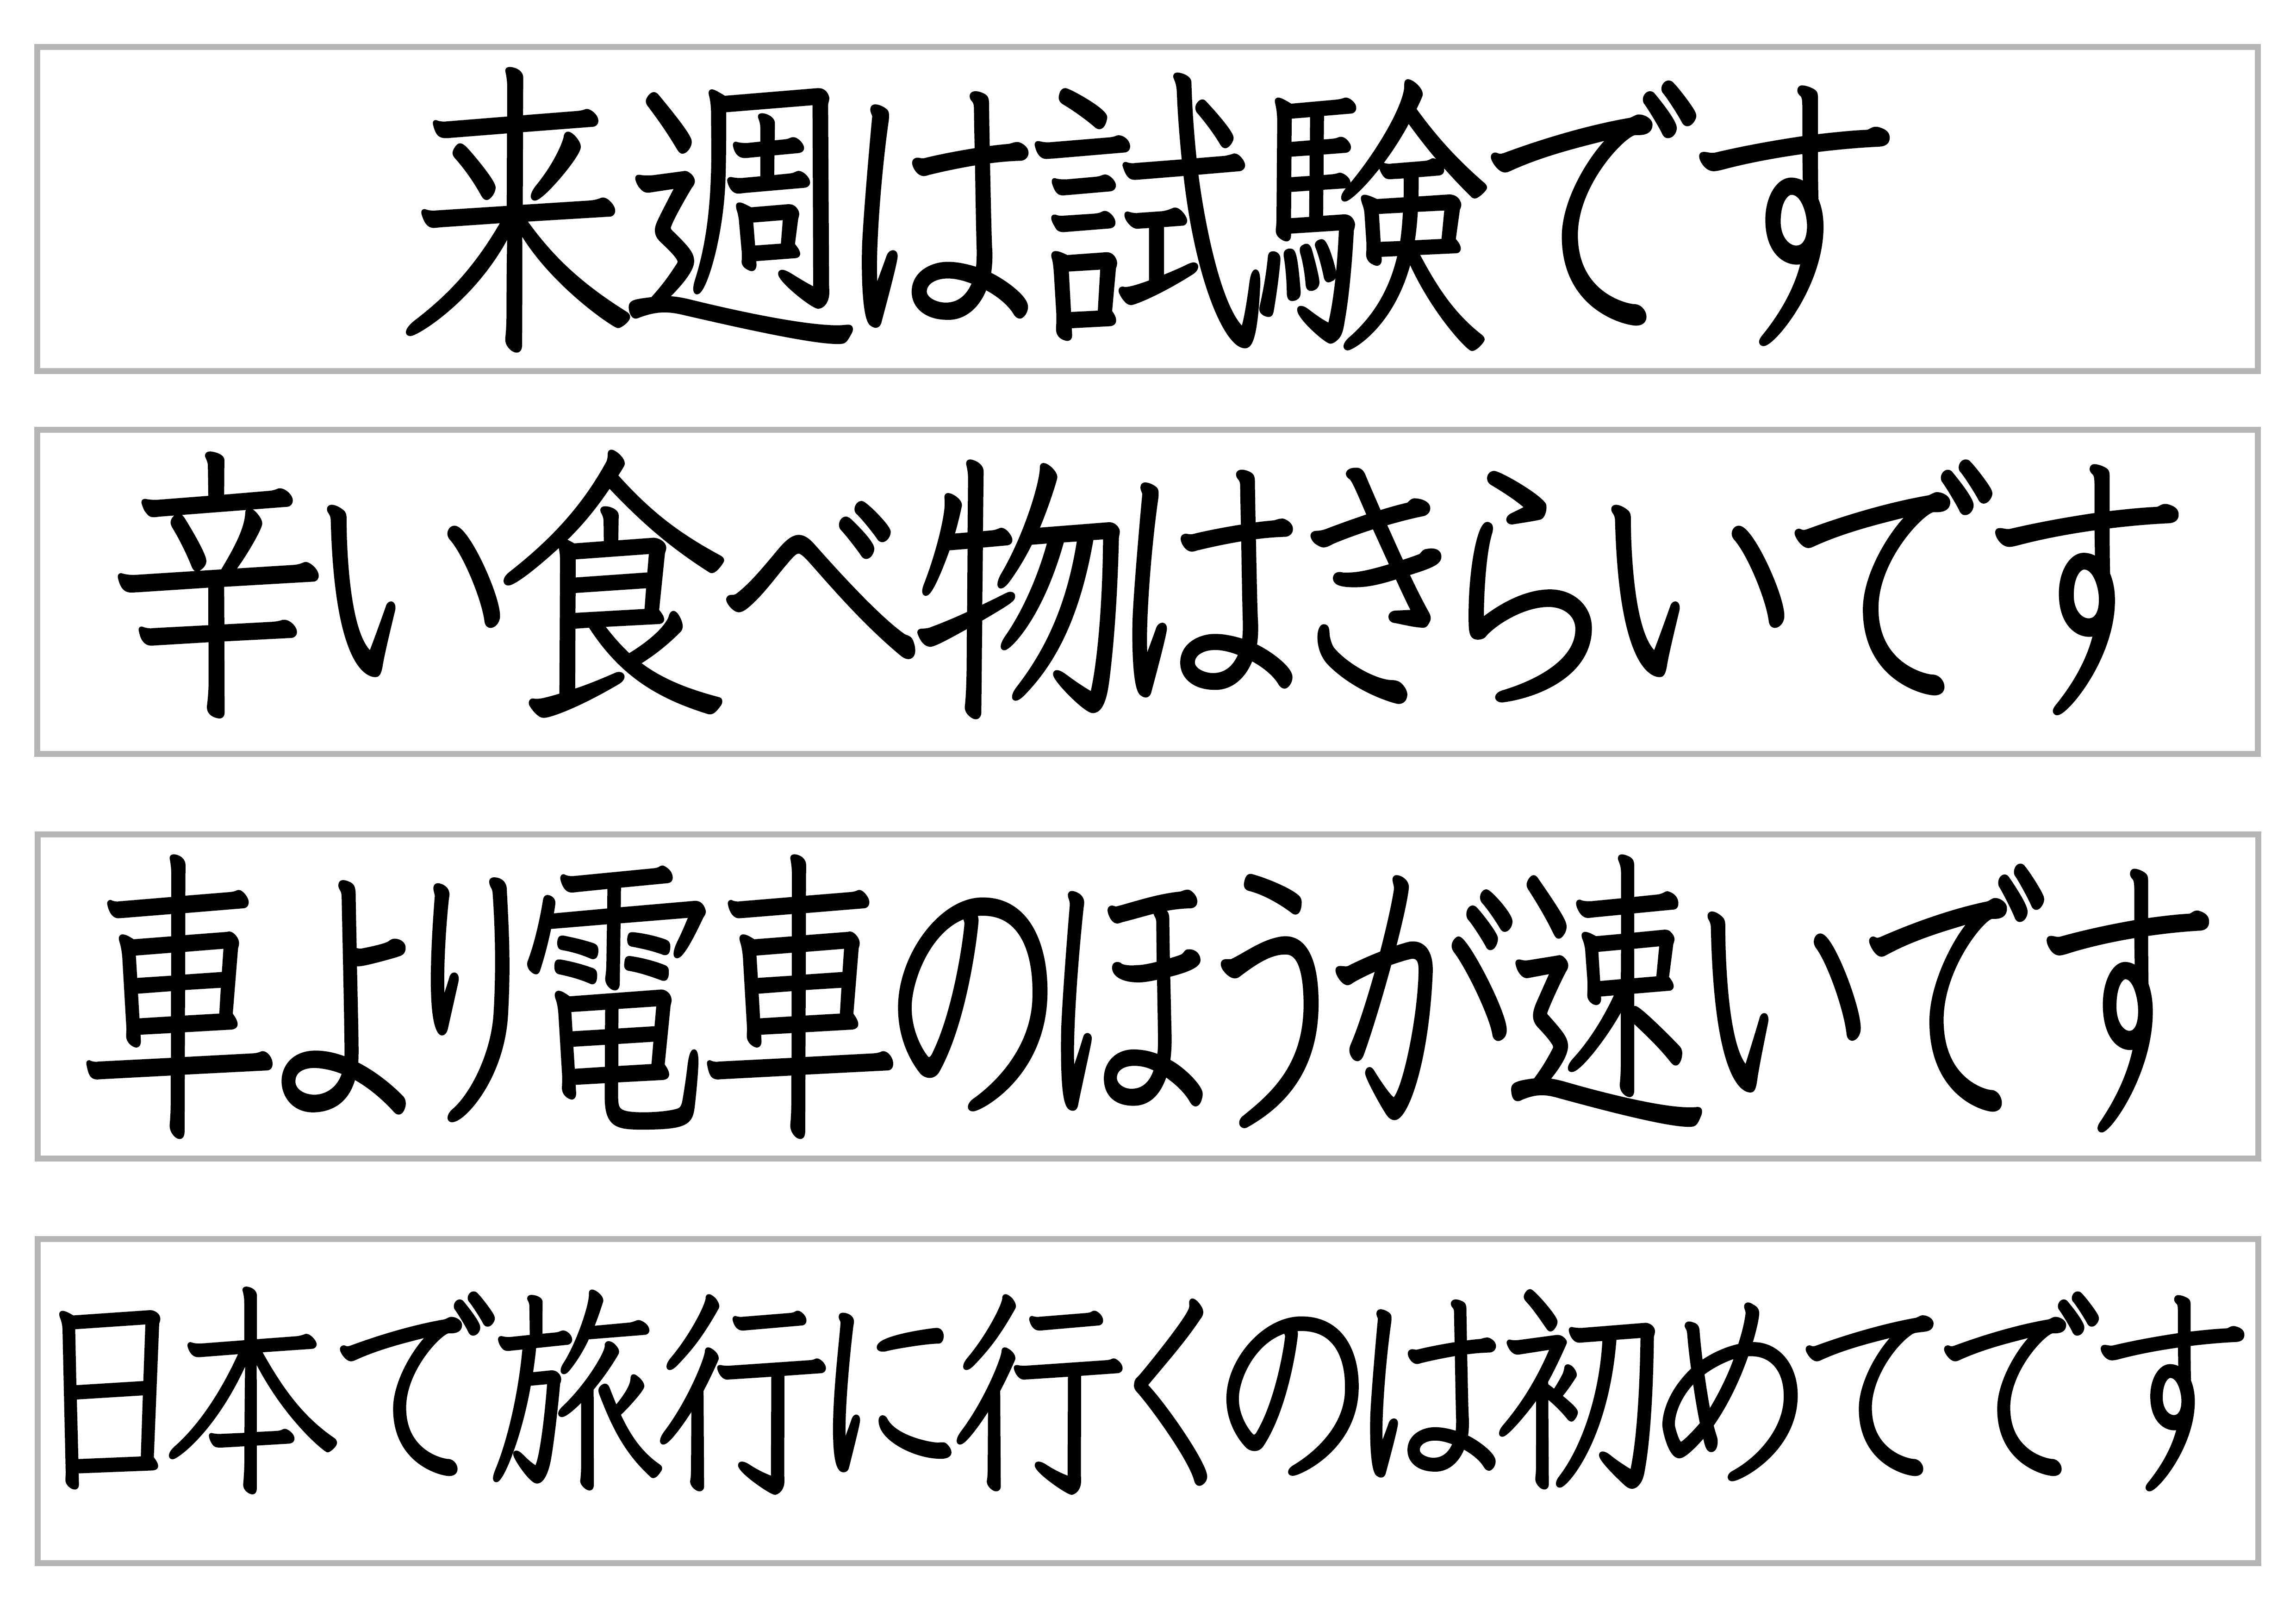 39課文字カード【ので】